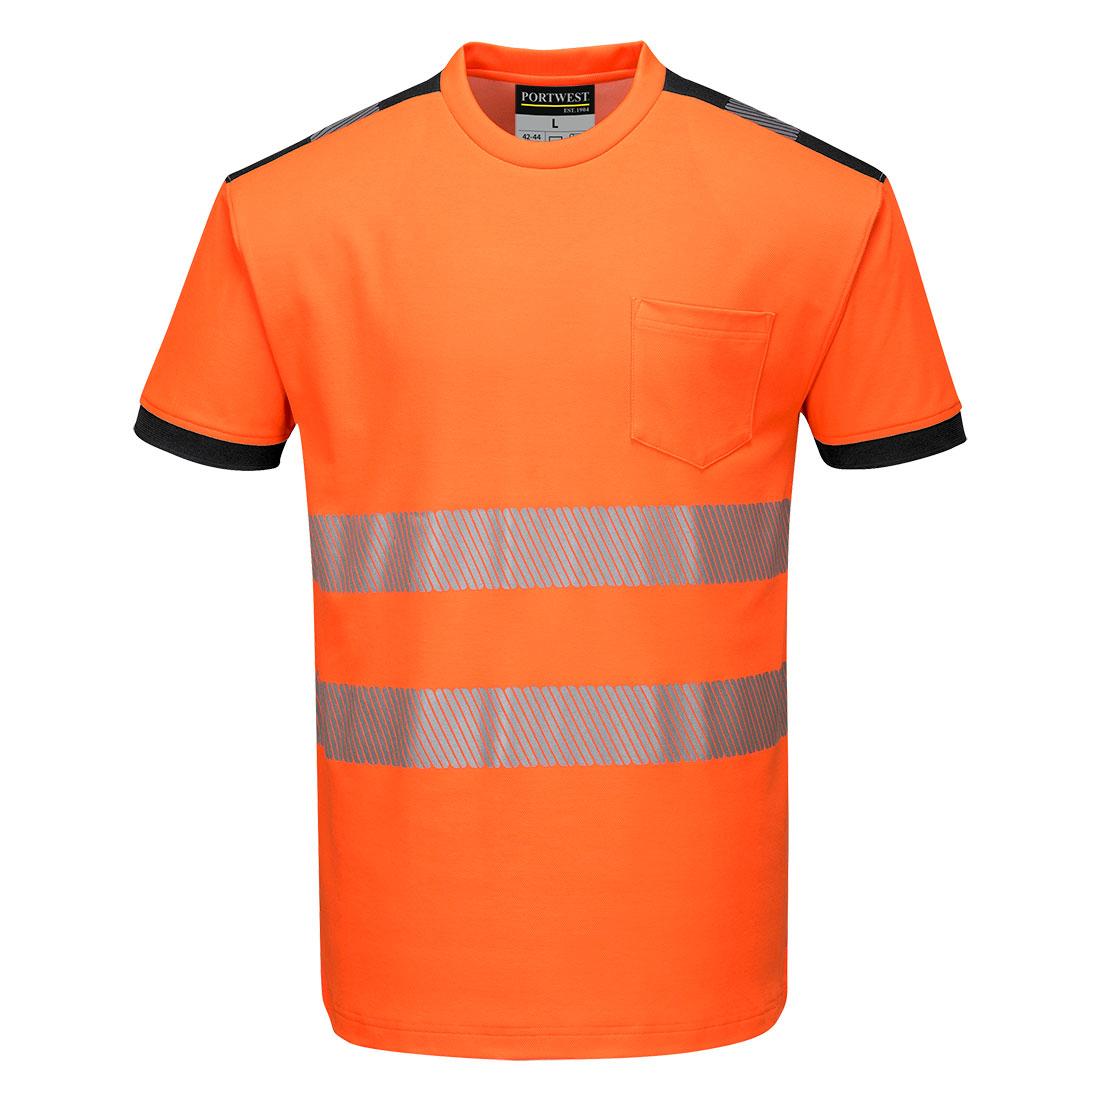 Portwest PW3 Hi-Vis T-Shirt S/S